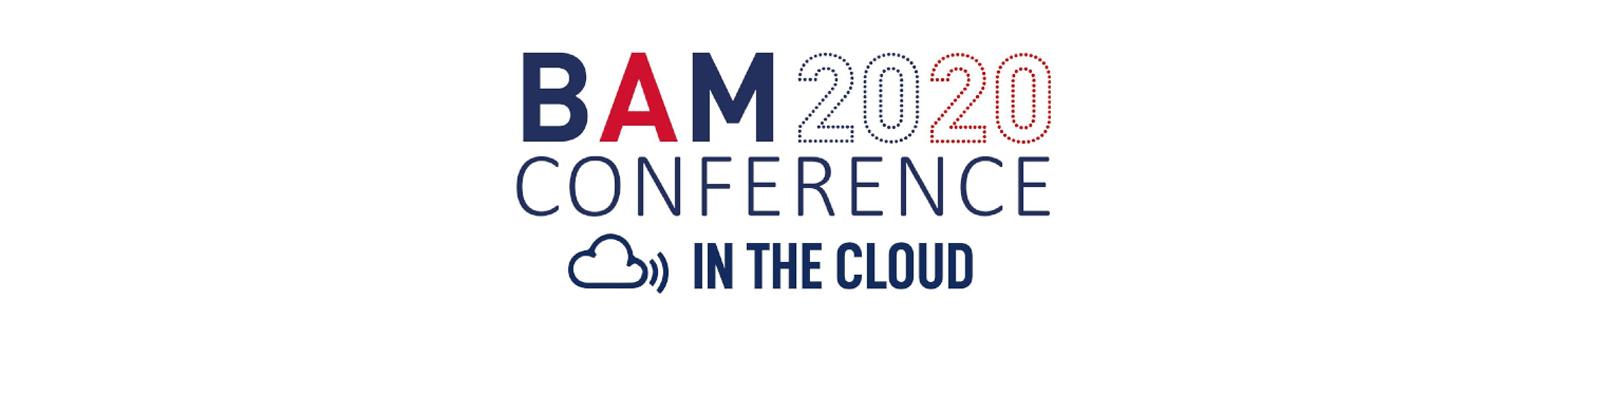 BAM2020 logo